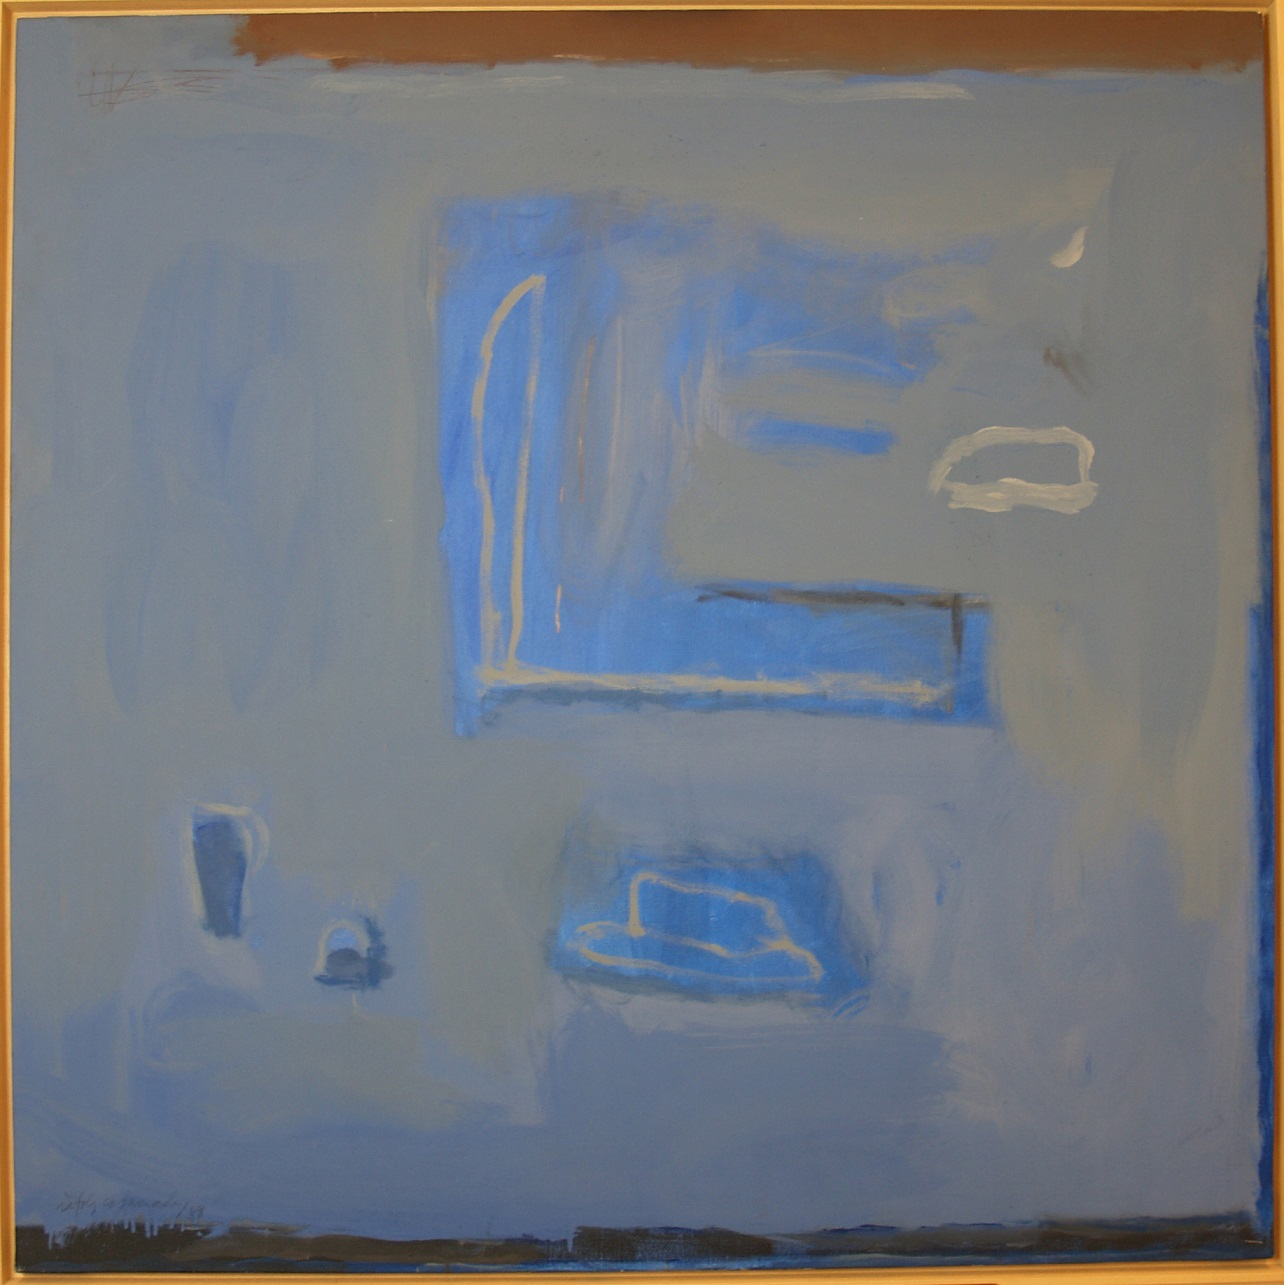 Albert Ràfols-Casamada, Dins del blau, 1988.